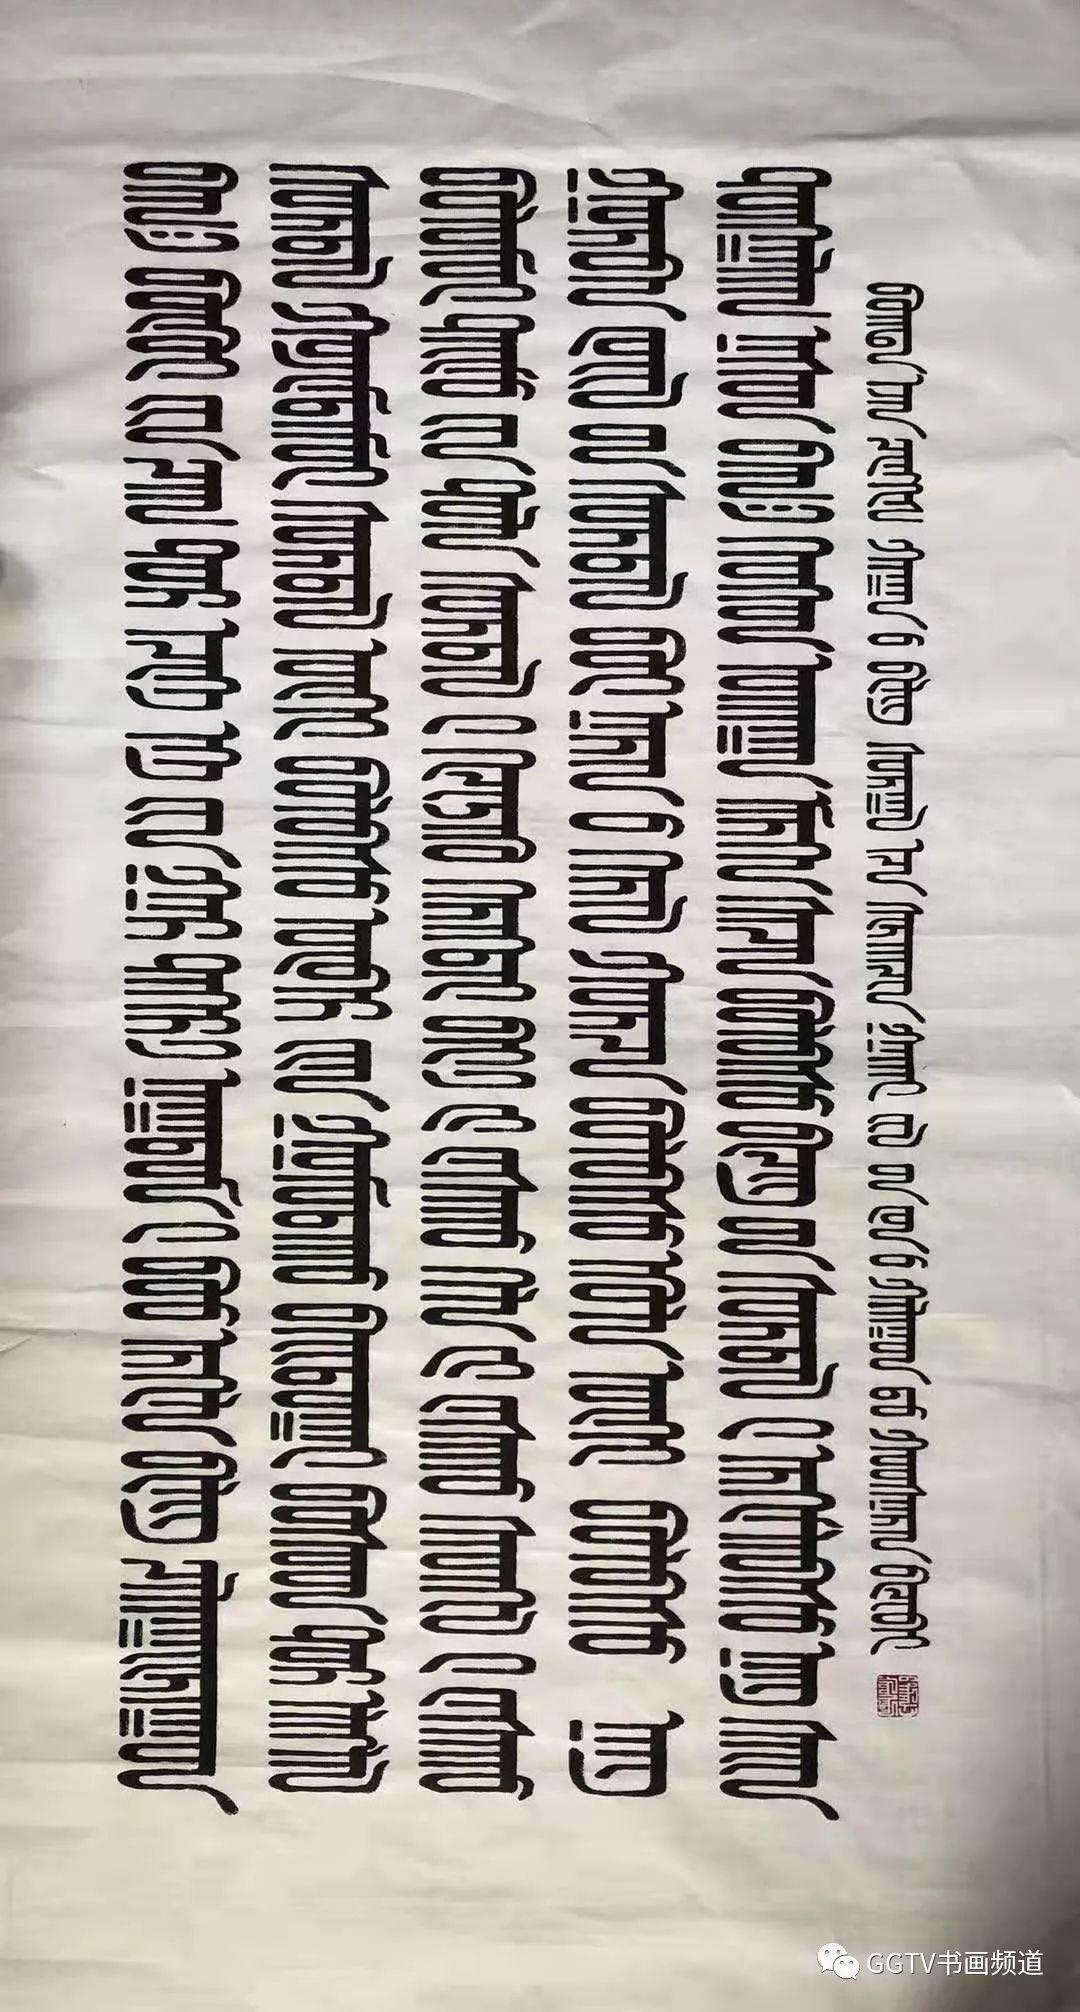 庆祝建国70周年全国优秀艺术家  —— 鲍好斯那拉作品展 第15张 庆祝建国70周年全国优秀艺术家   ——  鲍好斯那拉作品展 蒙古书法